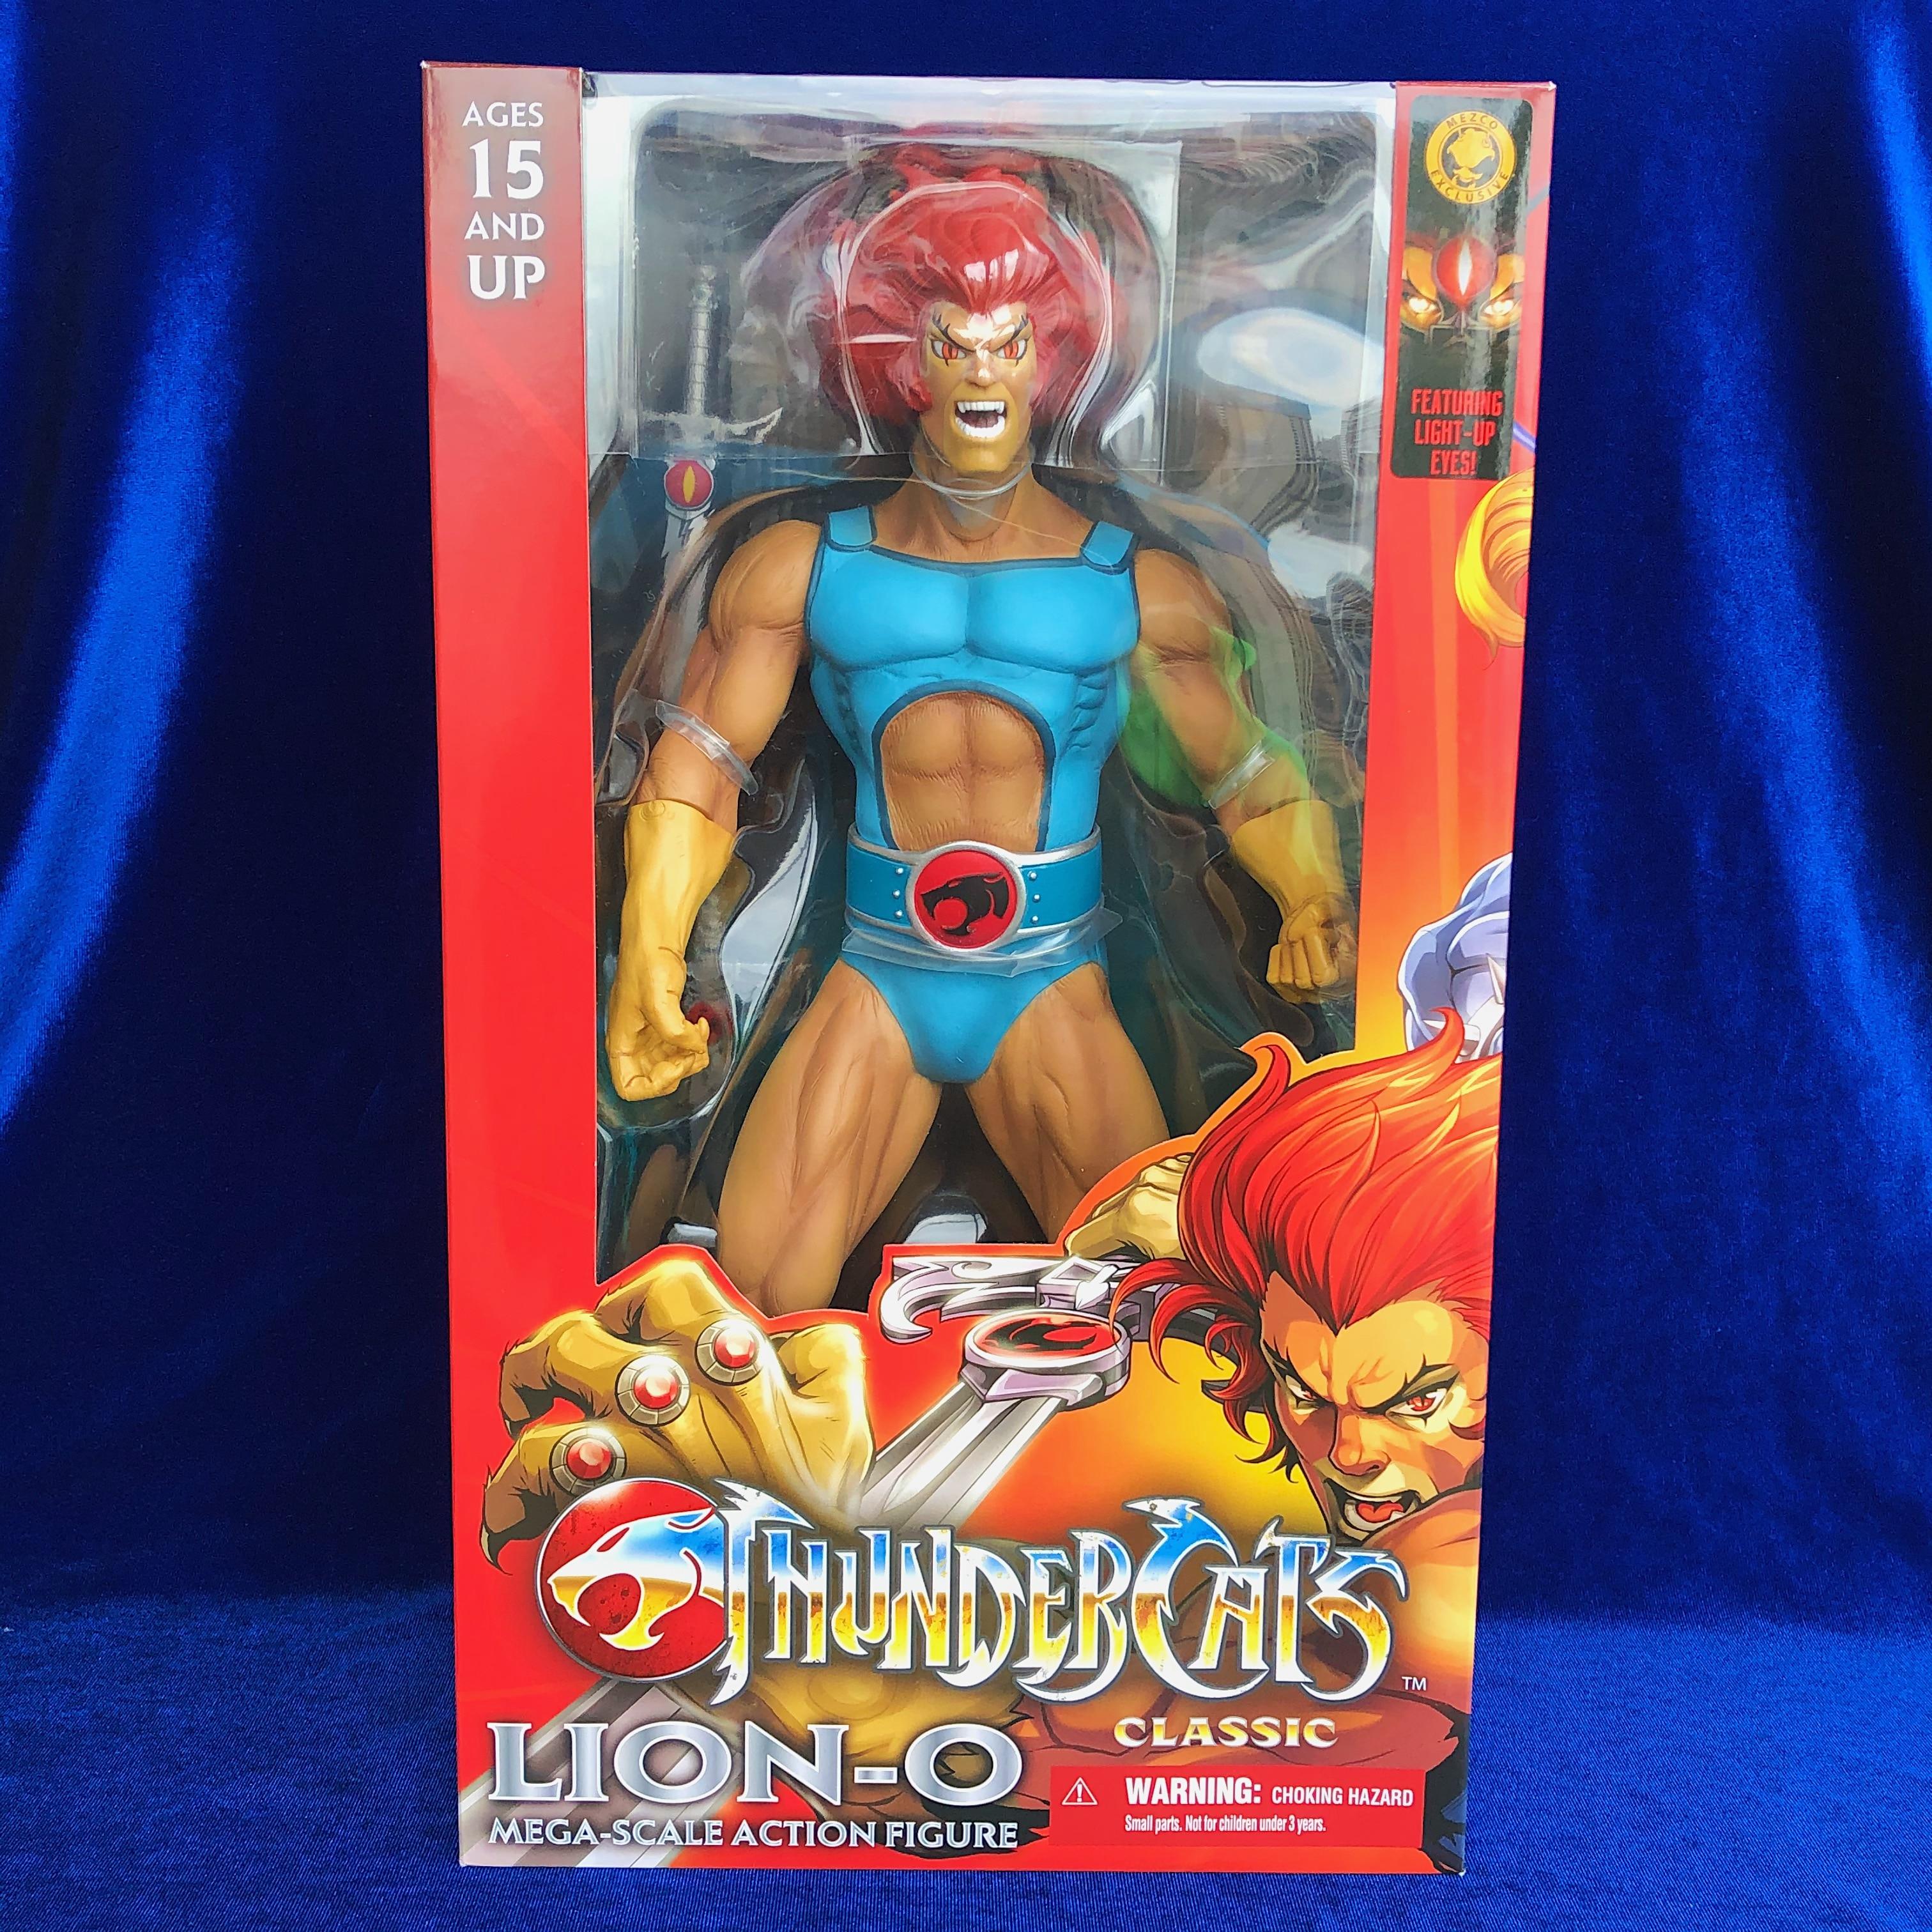 15 بوصة ميزكو سوبر بطل thundercat واحد: 6 الأسد-O بك عمل الشكل دمية على شكل عروسة هدية